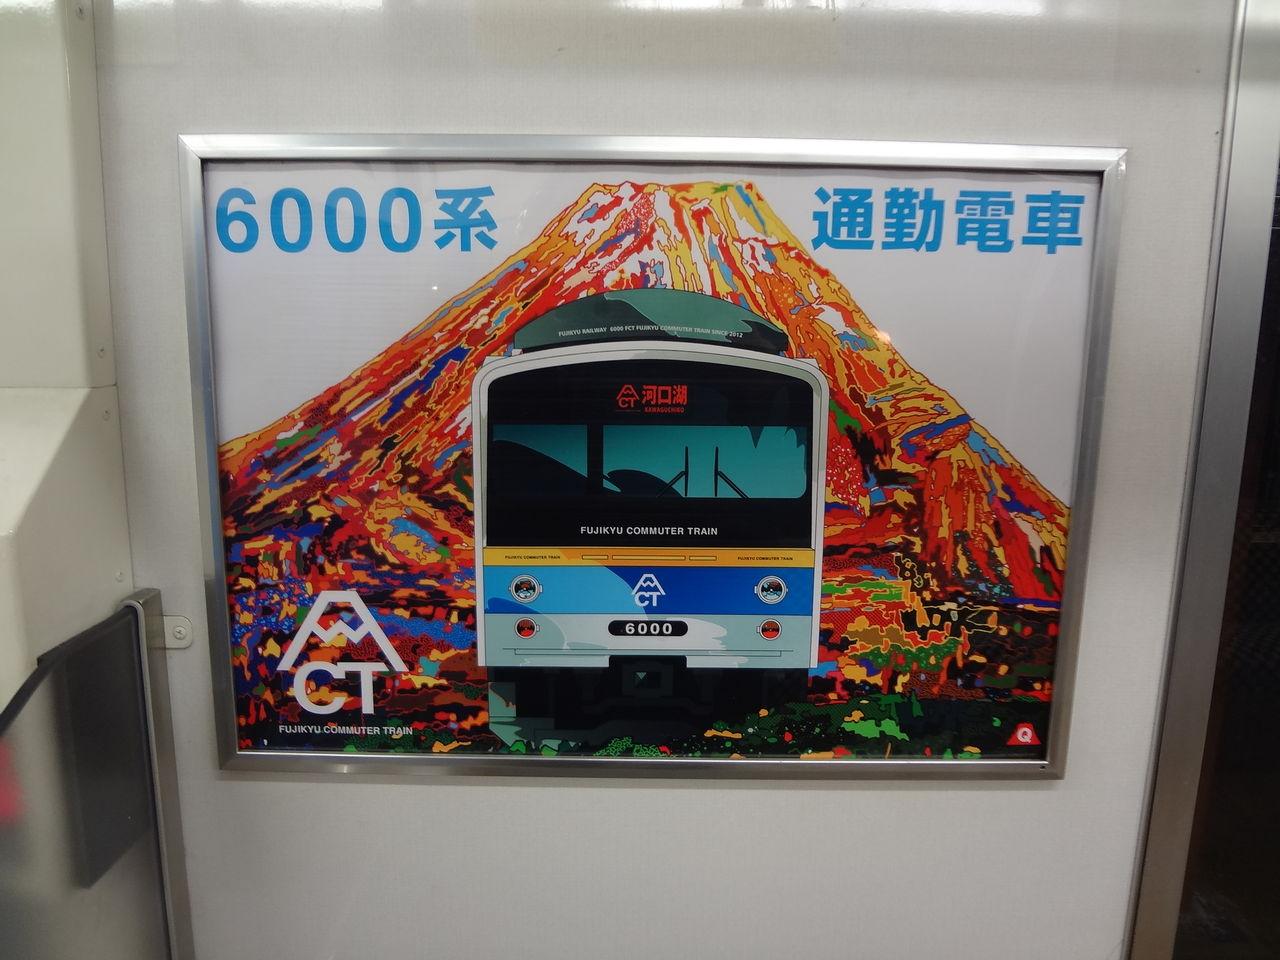 http://livedoor.blogimg.jp/herikutsu_baseball-next_stop/imgs/7/a/7a269aba.jpg